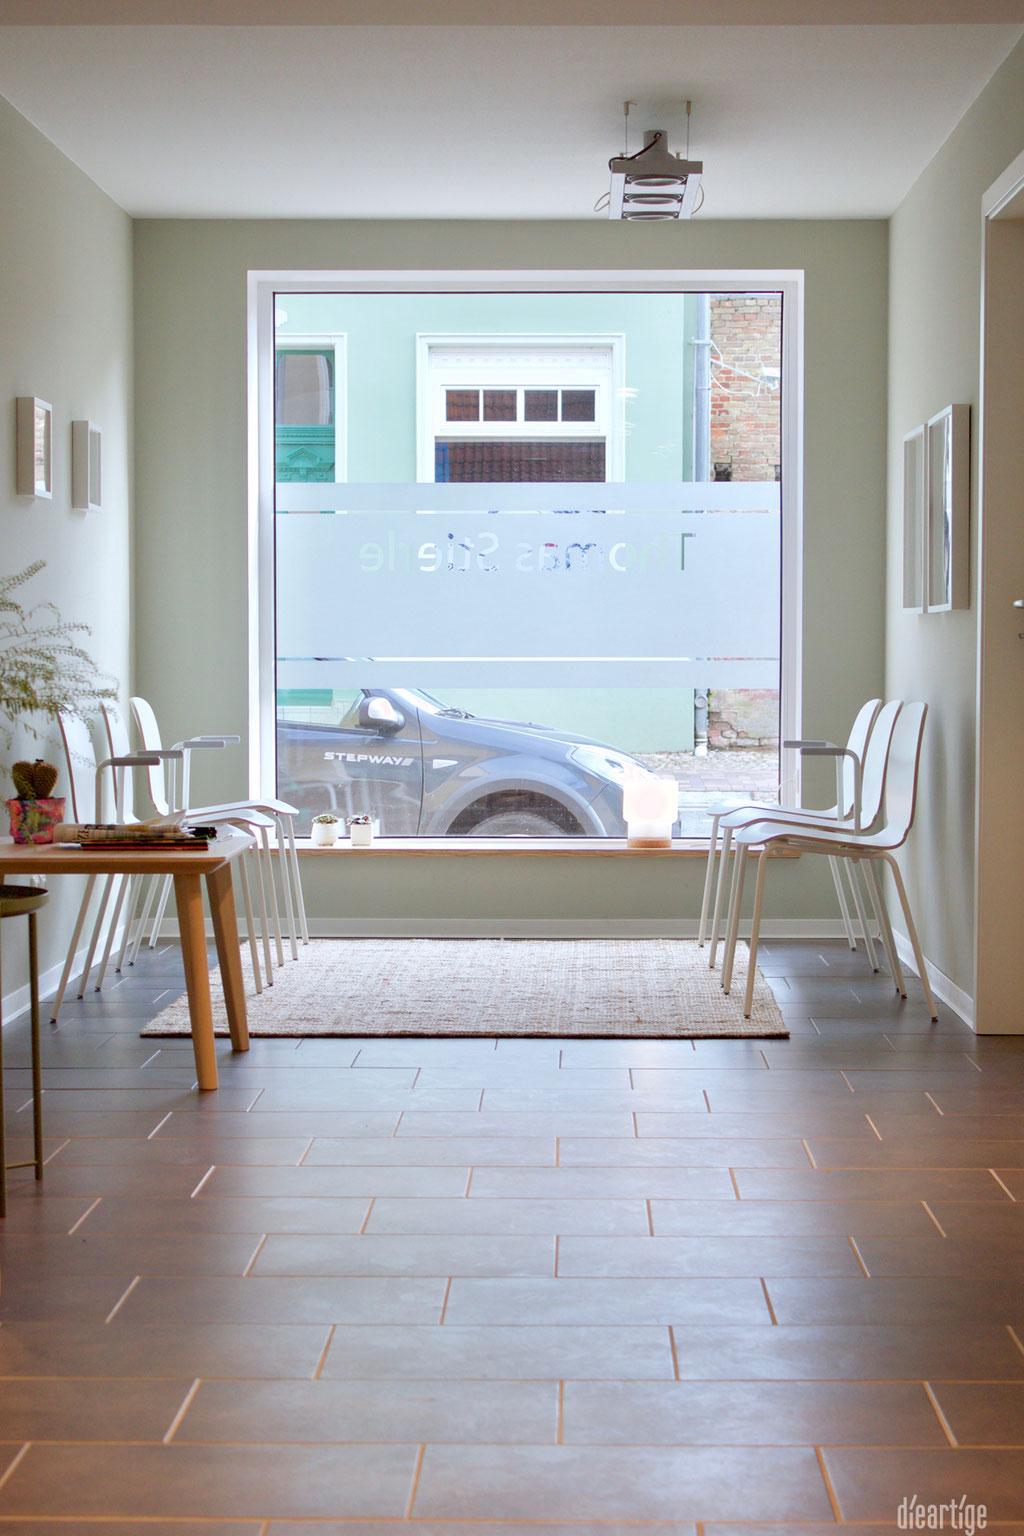 dieartige - Praxisgestaltung, Physiotherapie | Wartebereich, Licht, Juteteppich + weiße Bestuhlung